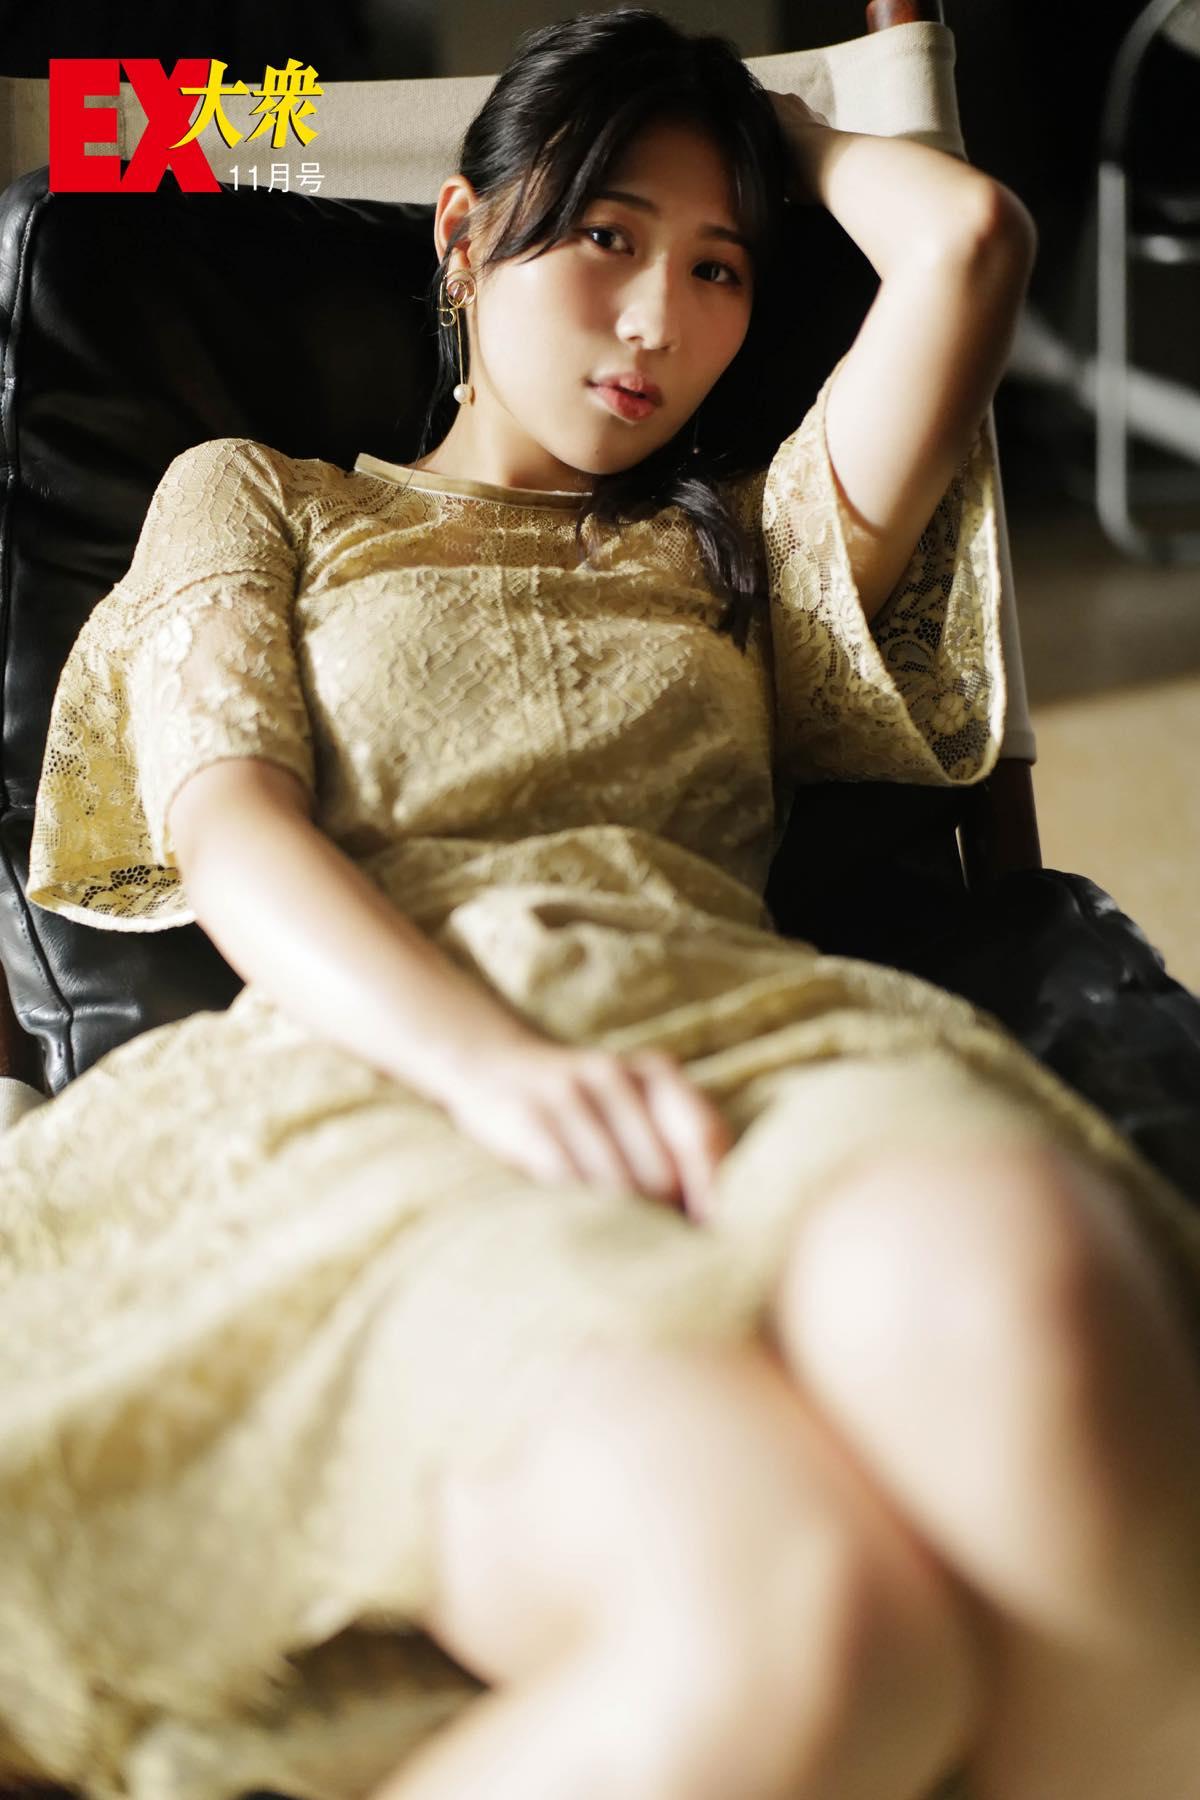 元AKB48西野未姫「絞りきった美ボディ」デジタル写真集を発売!【画像7枚】の画像002